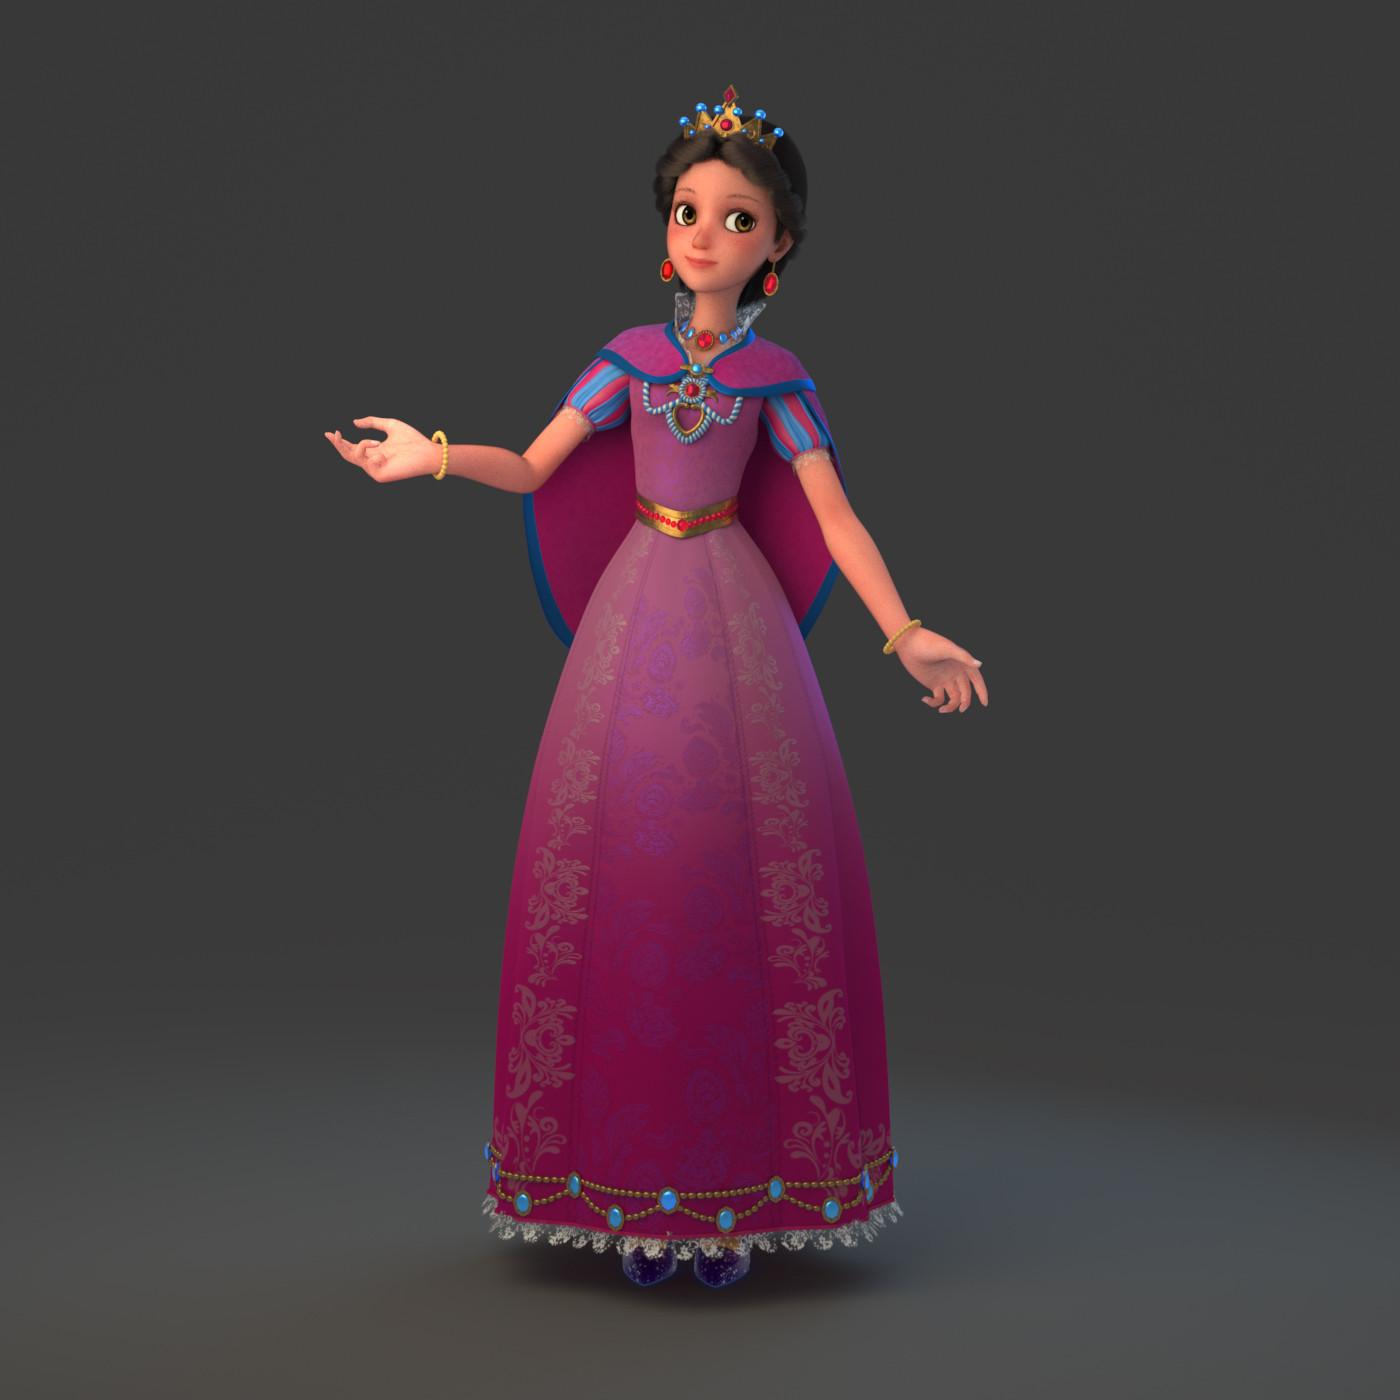 3d cartoon princess rig model